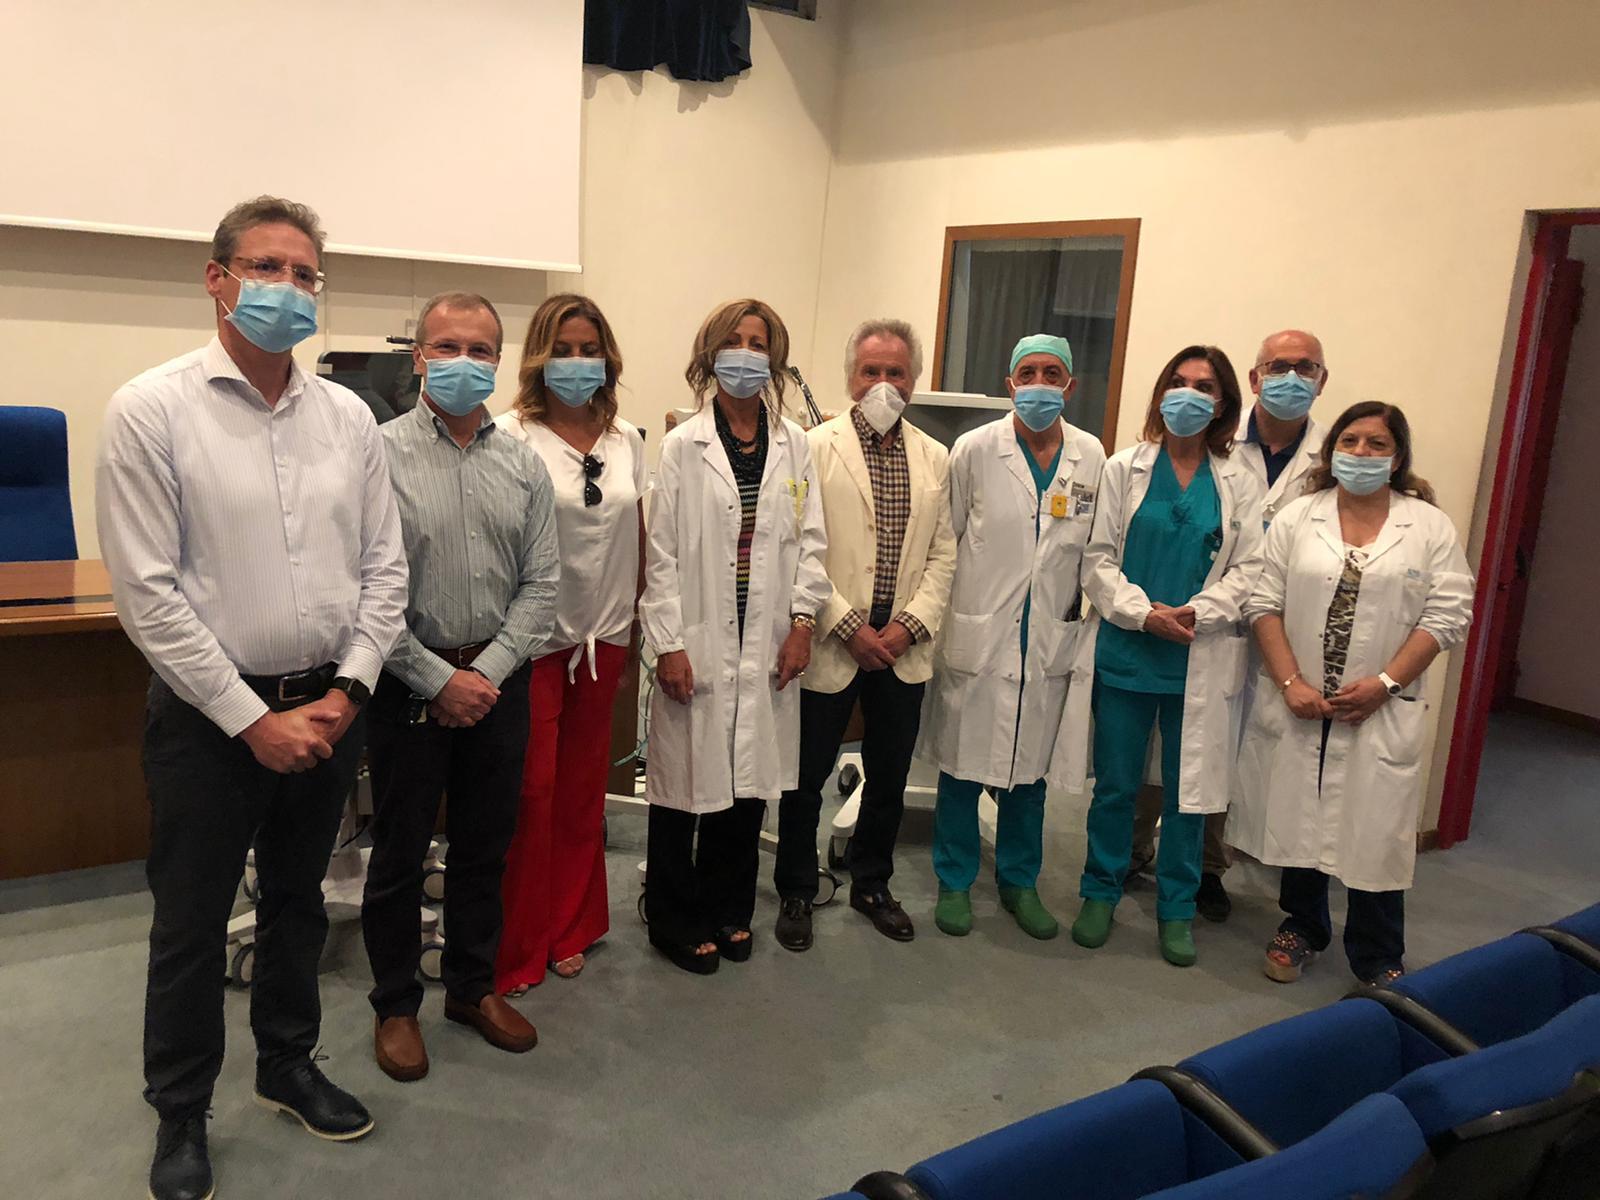 La Saes dona 2 ventilatori e un video laringoscopio al reparto di rianimazione dell'Ospedale di Avezzano